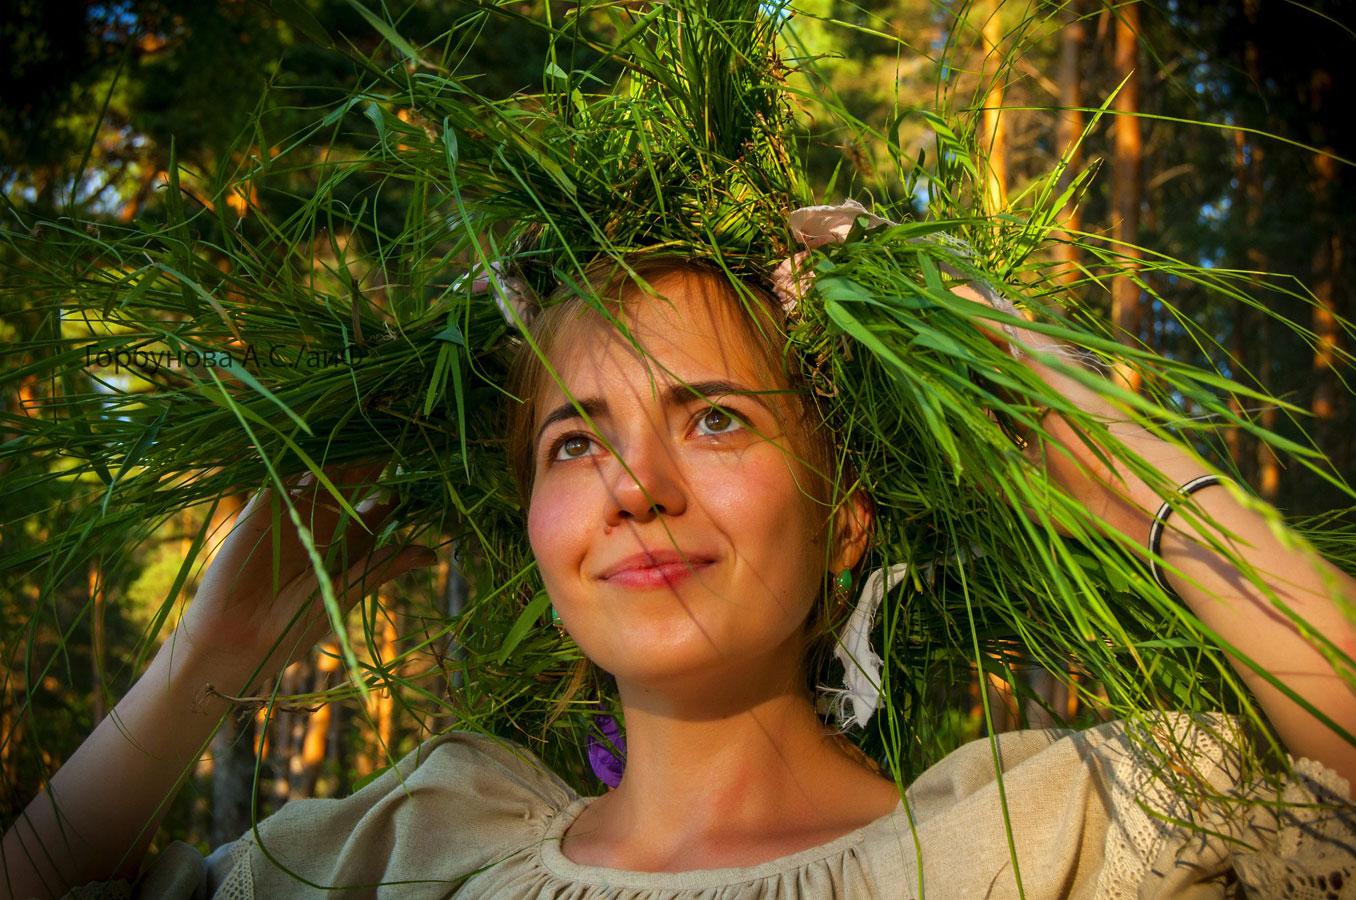 © Александра Горбунова, Омск, 3 место, Фотоконкурс «Национальные праздники народов России»